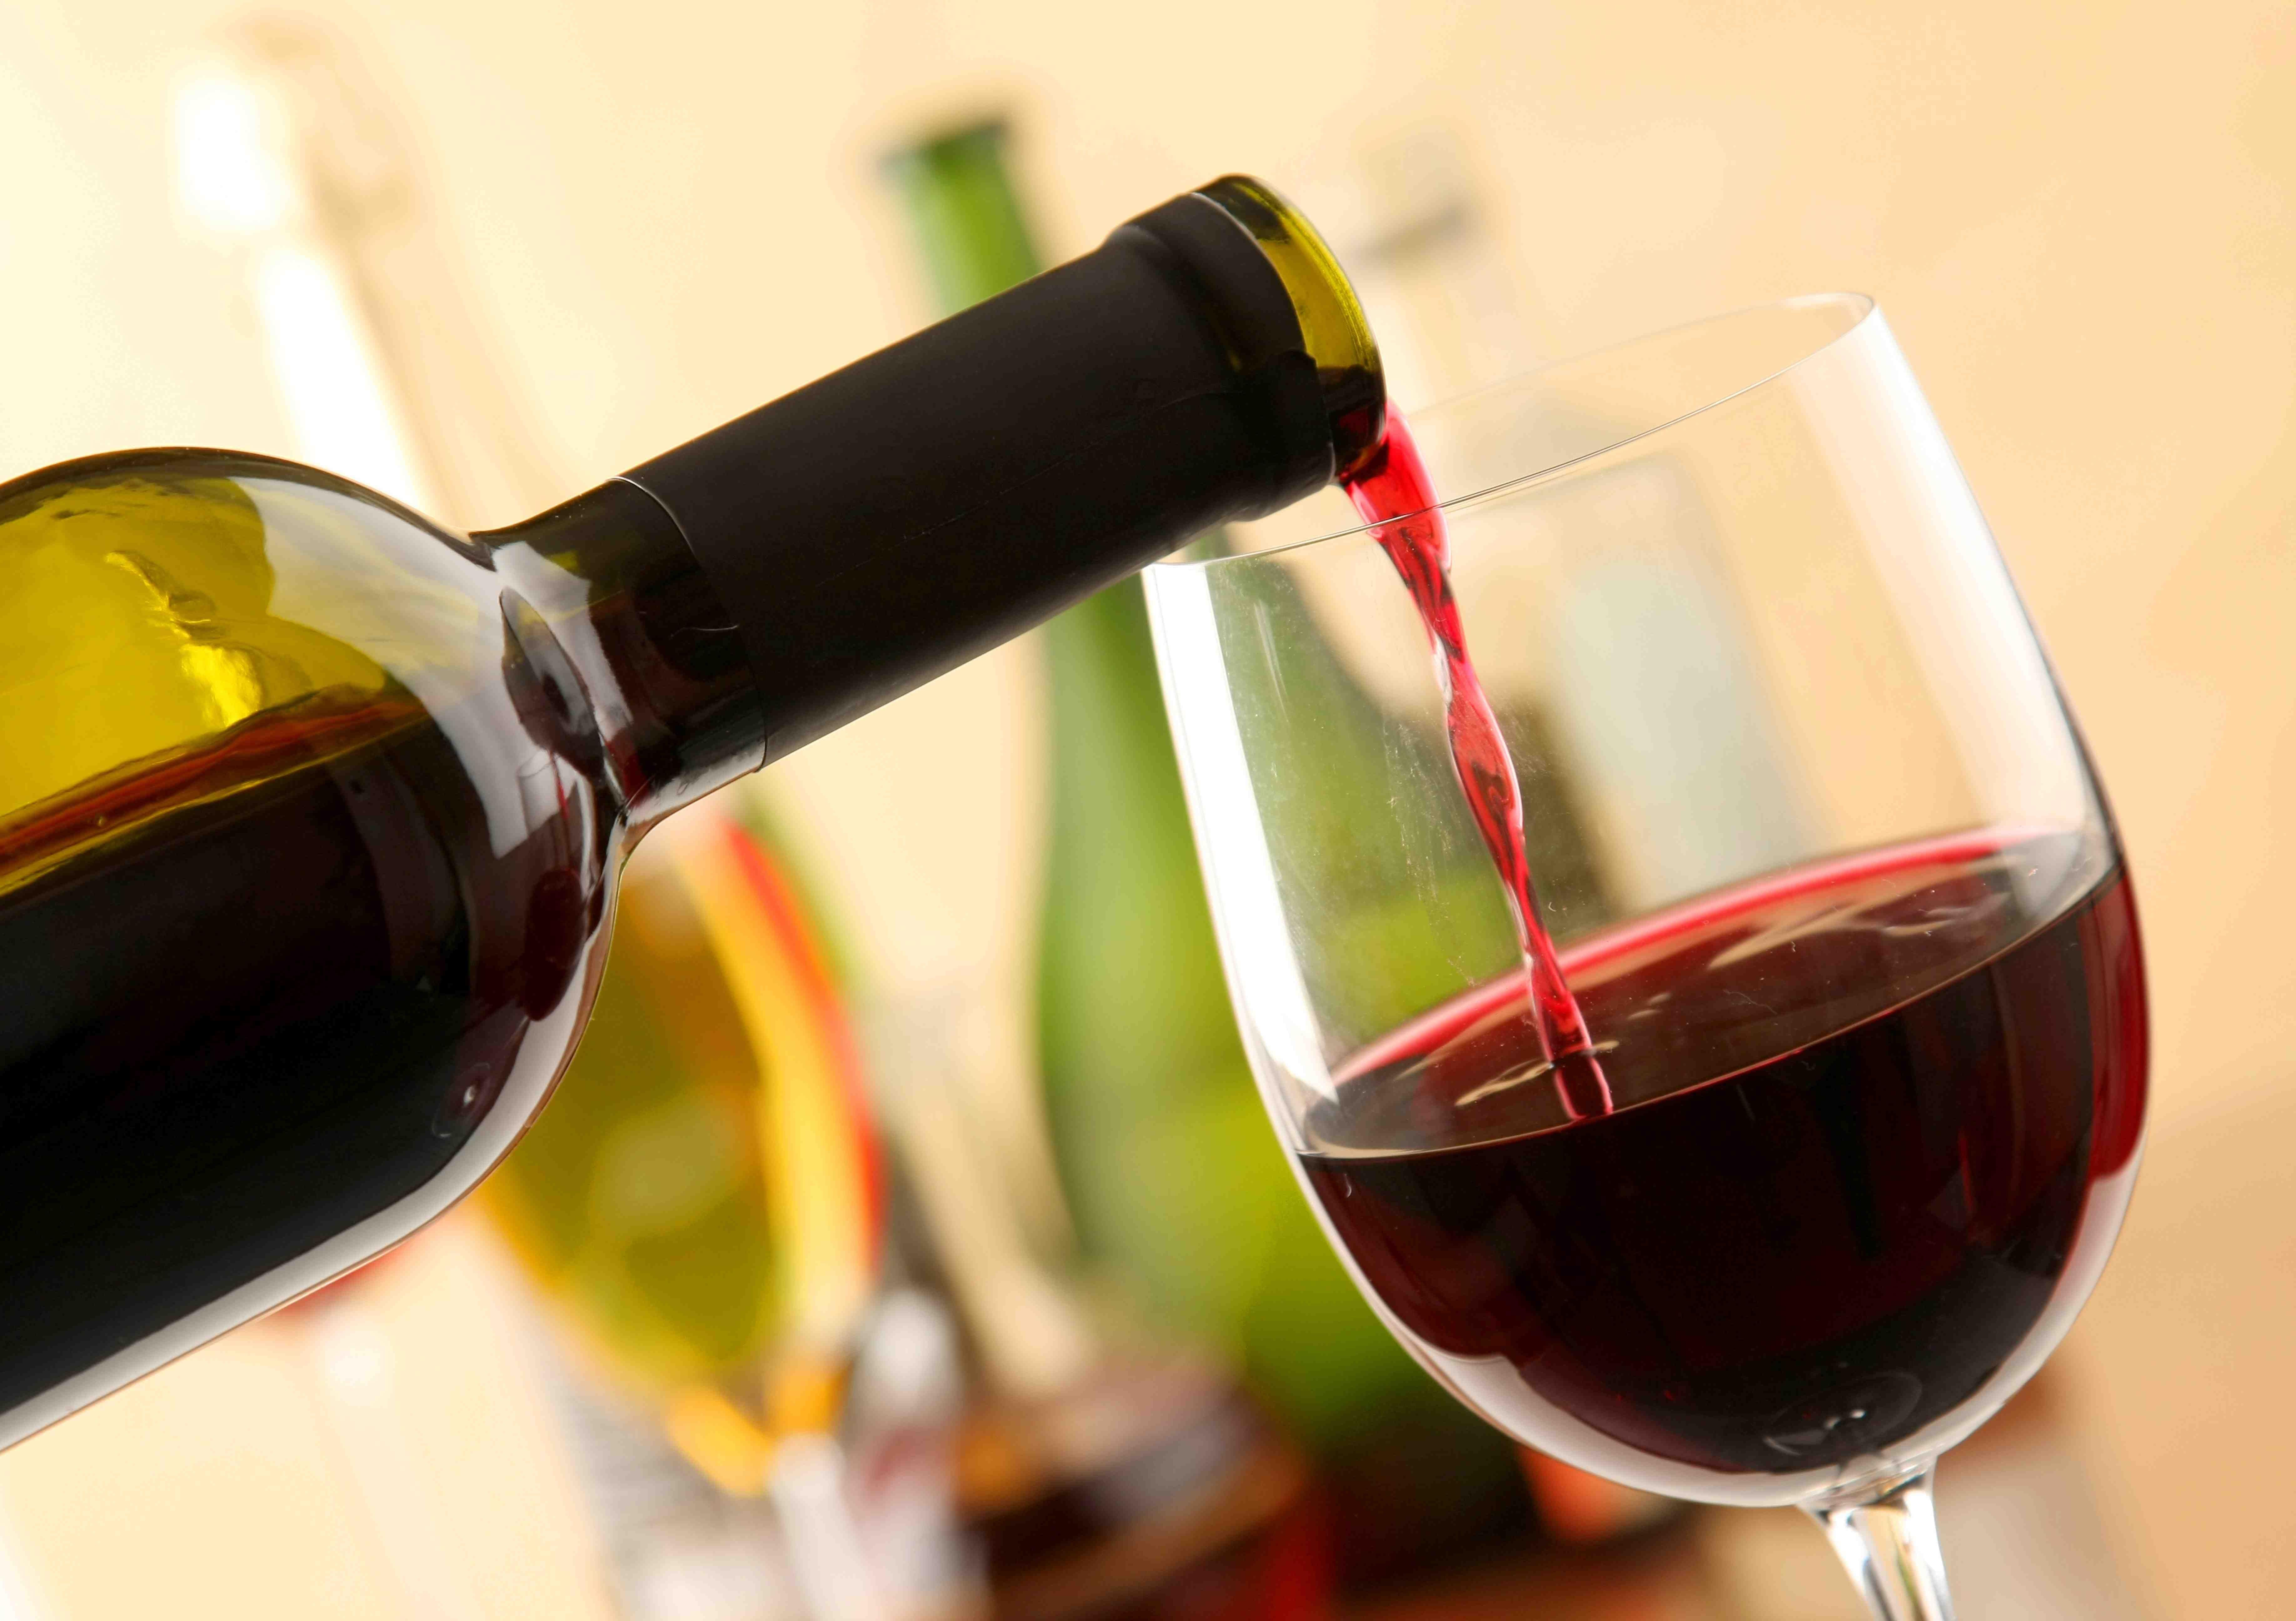 зная вина краснодарского края картинки надо из-за этого